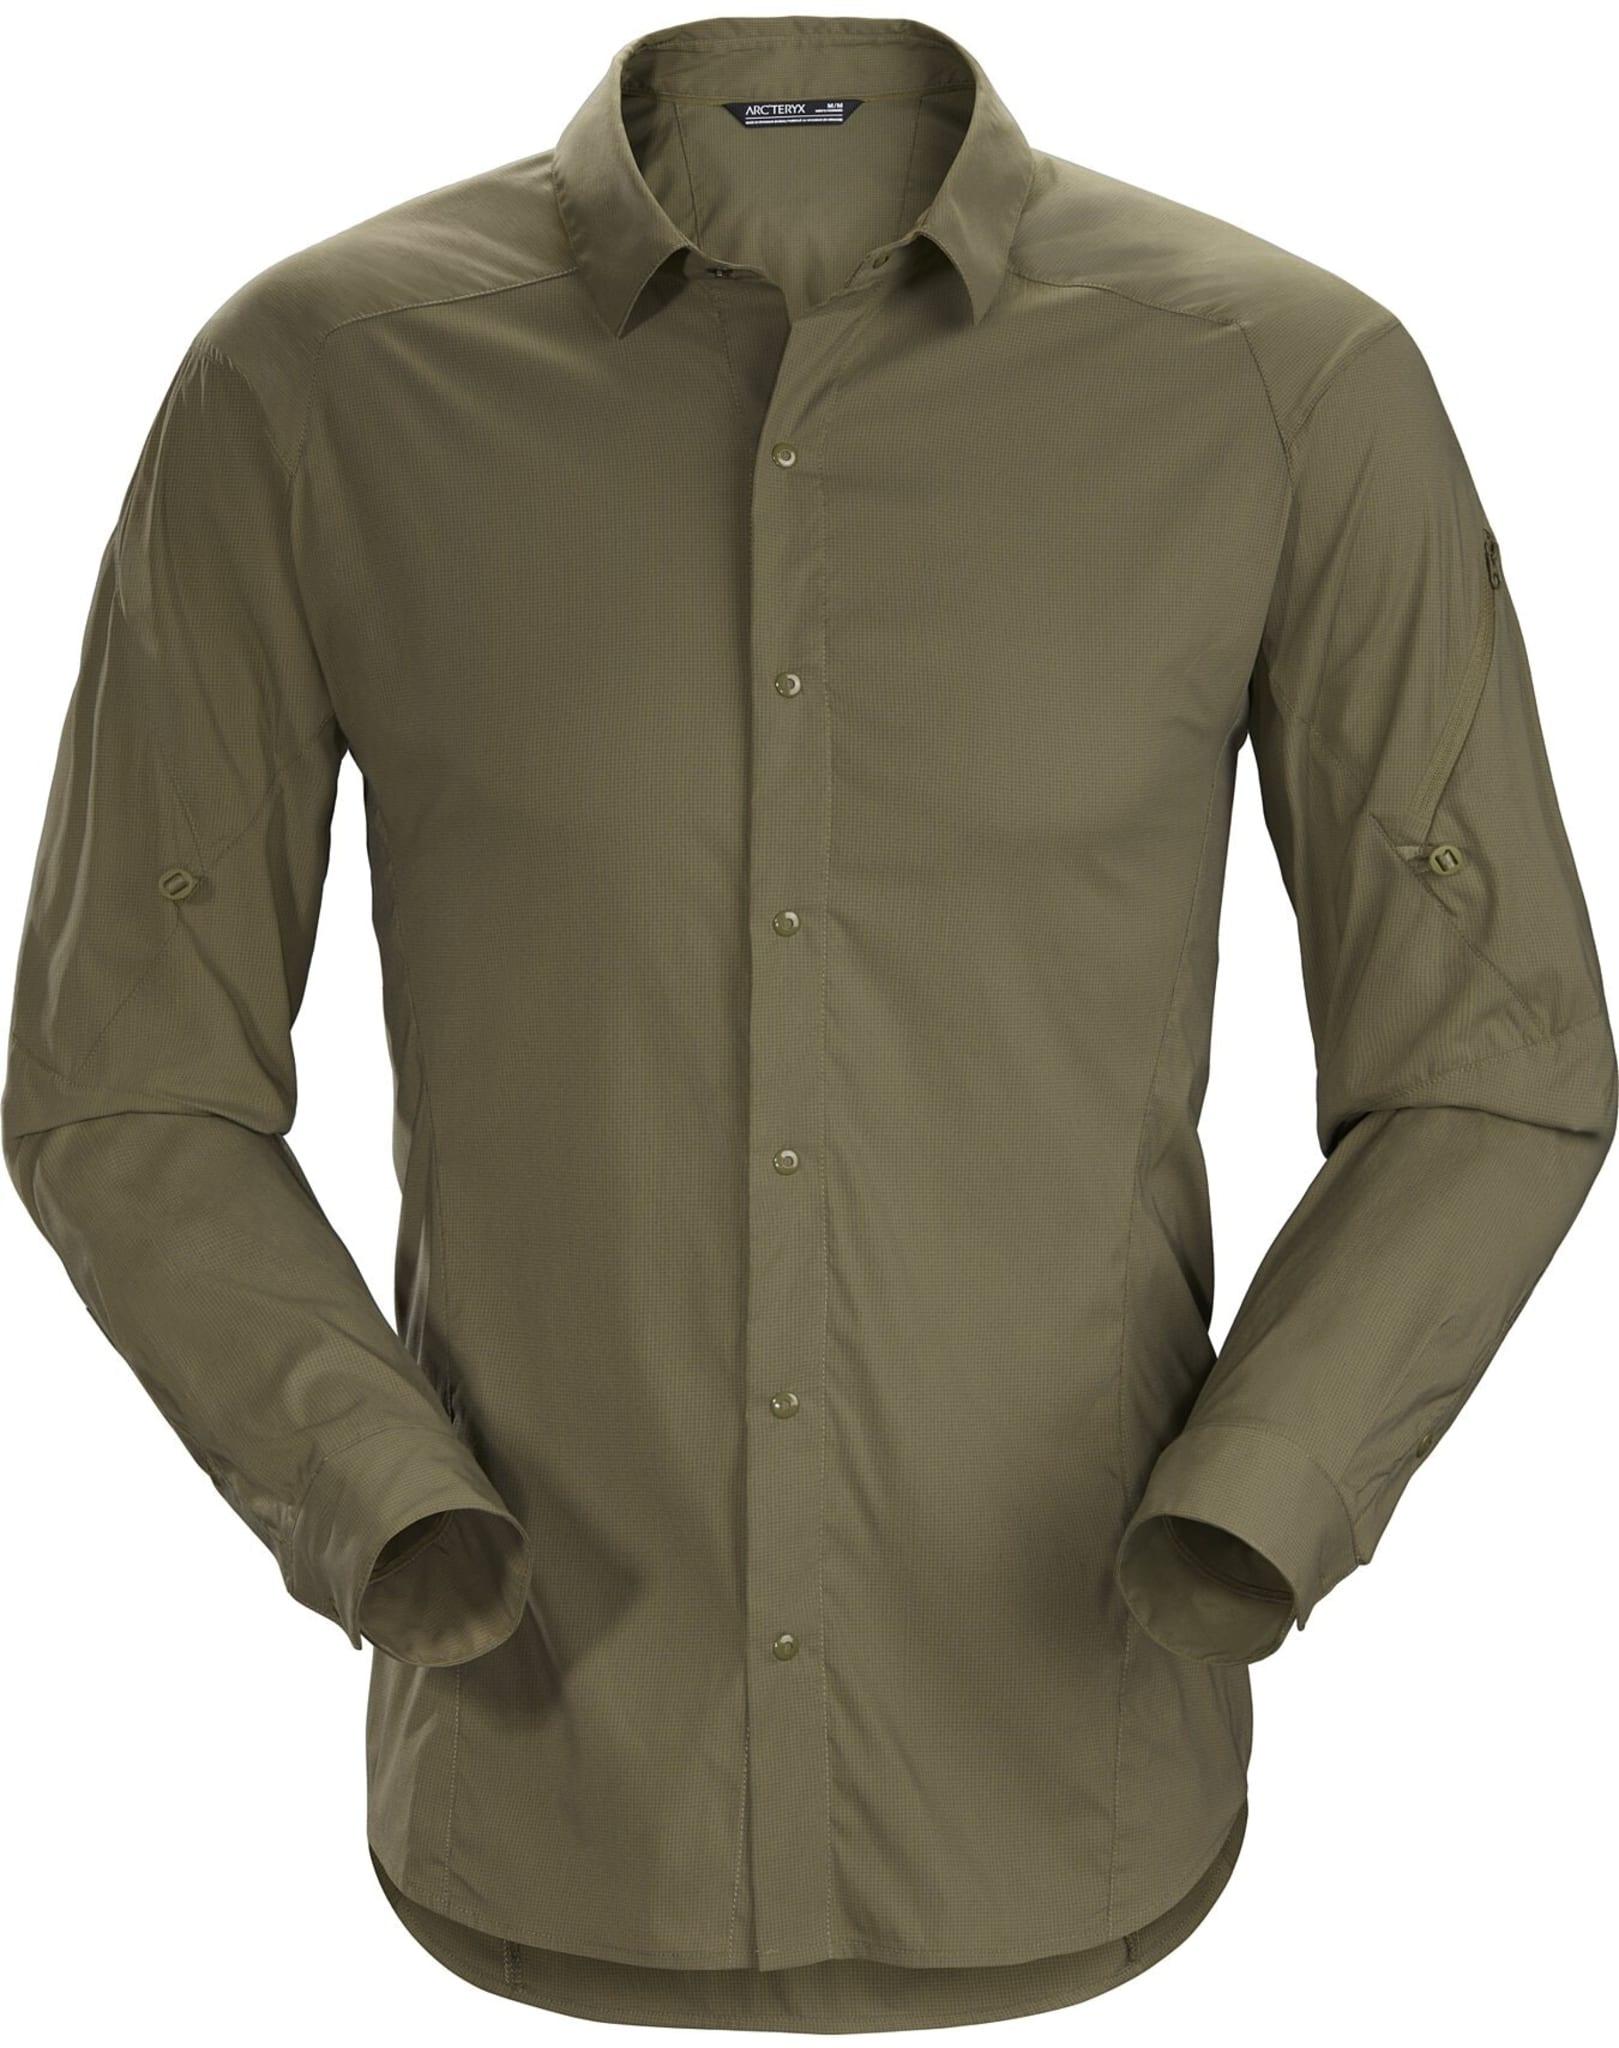 Funksjonell, slitesterk og lett skjorte